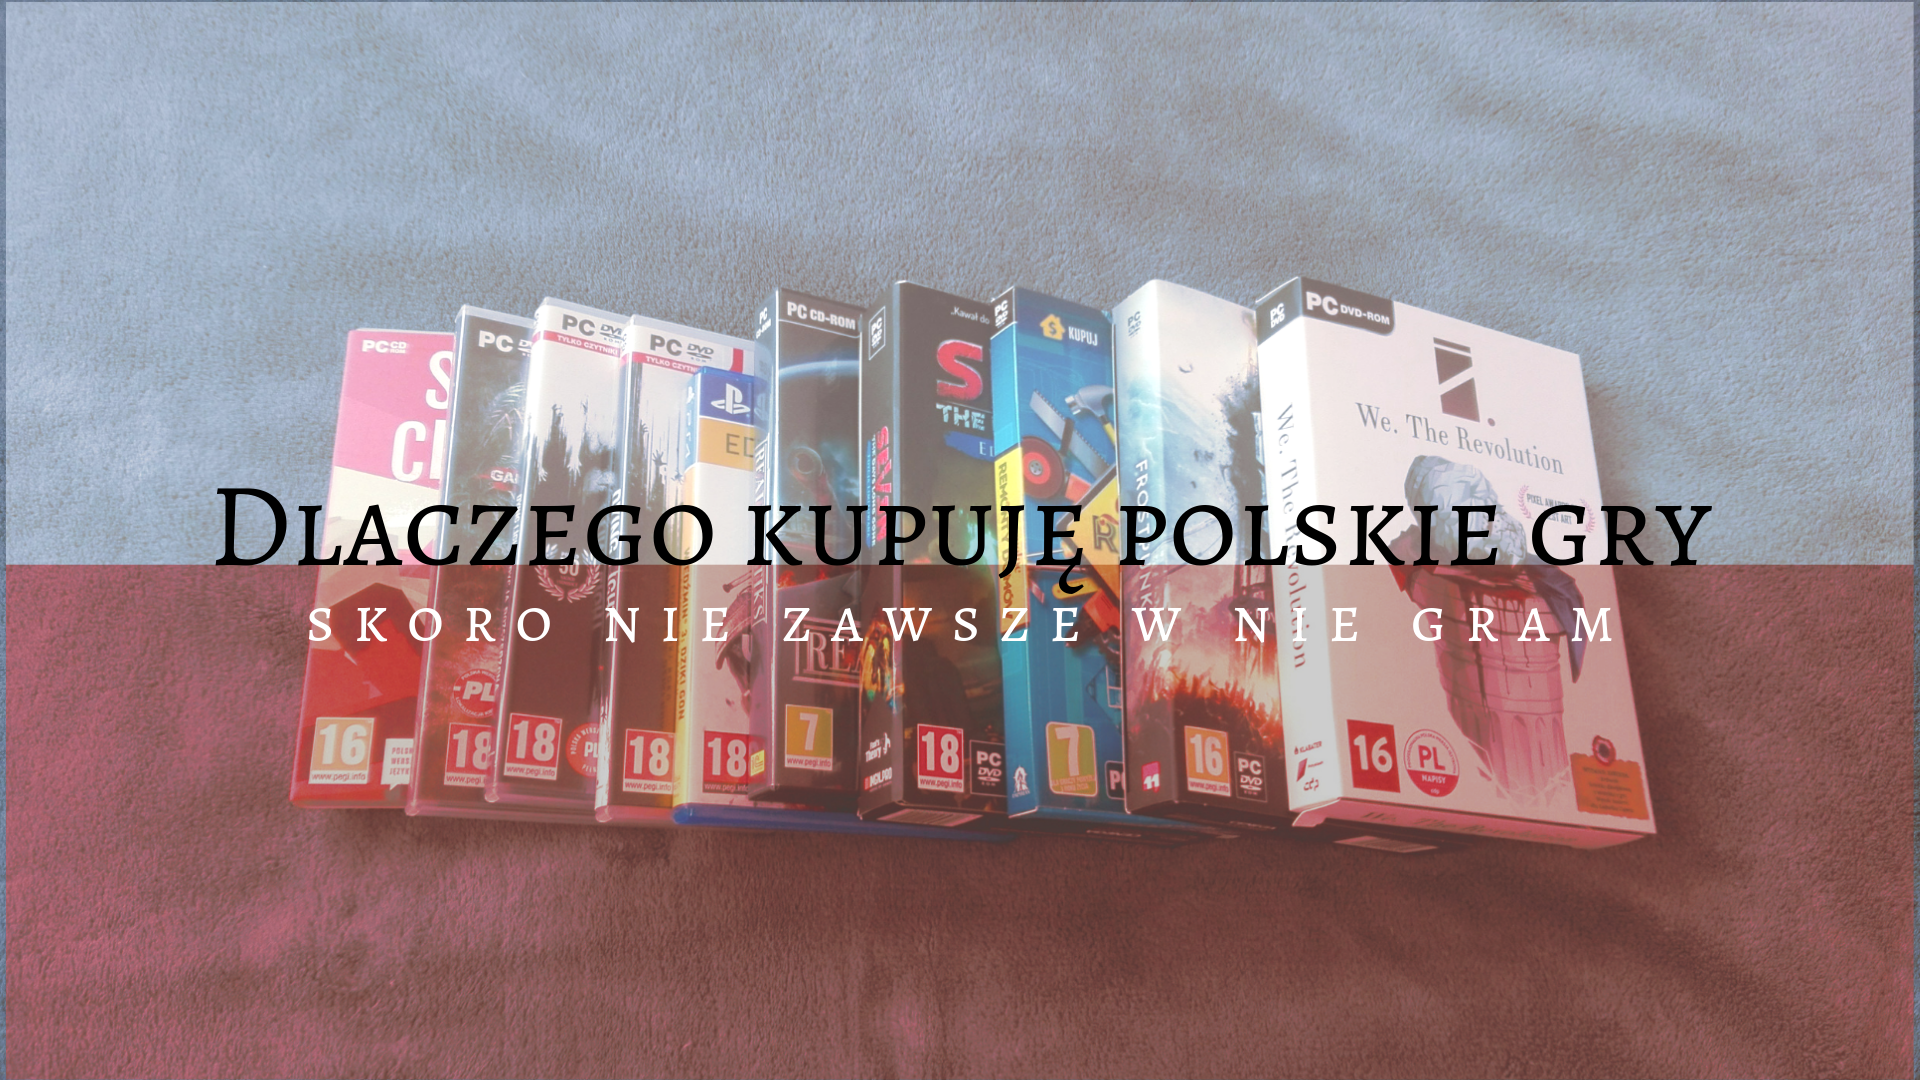 Dlaczego kupuję polskie gry – skoro nie zawsze w nie gram?